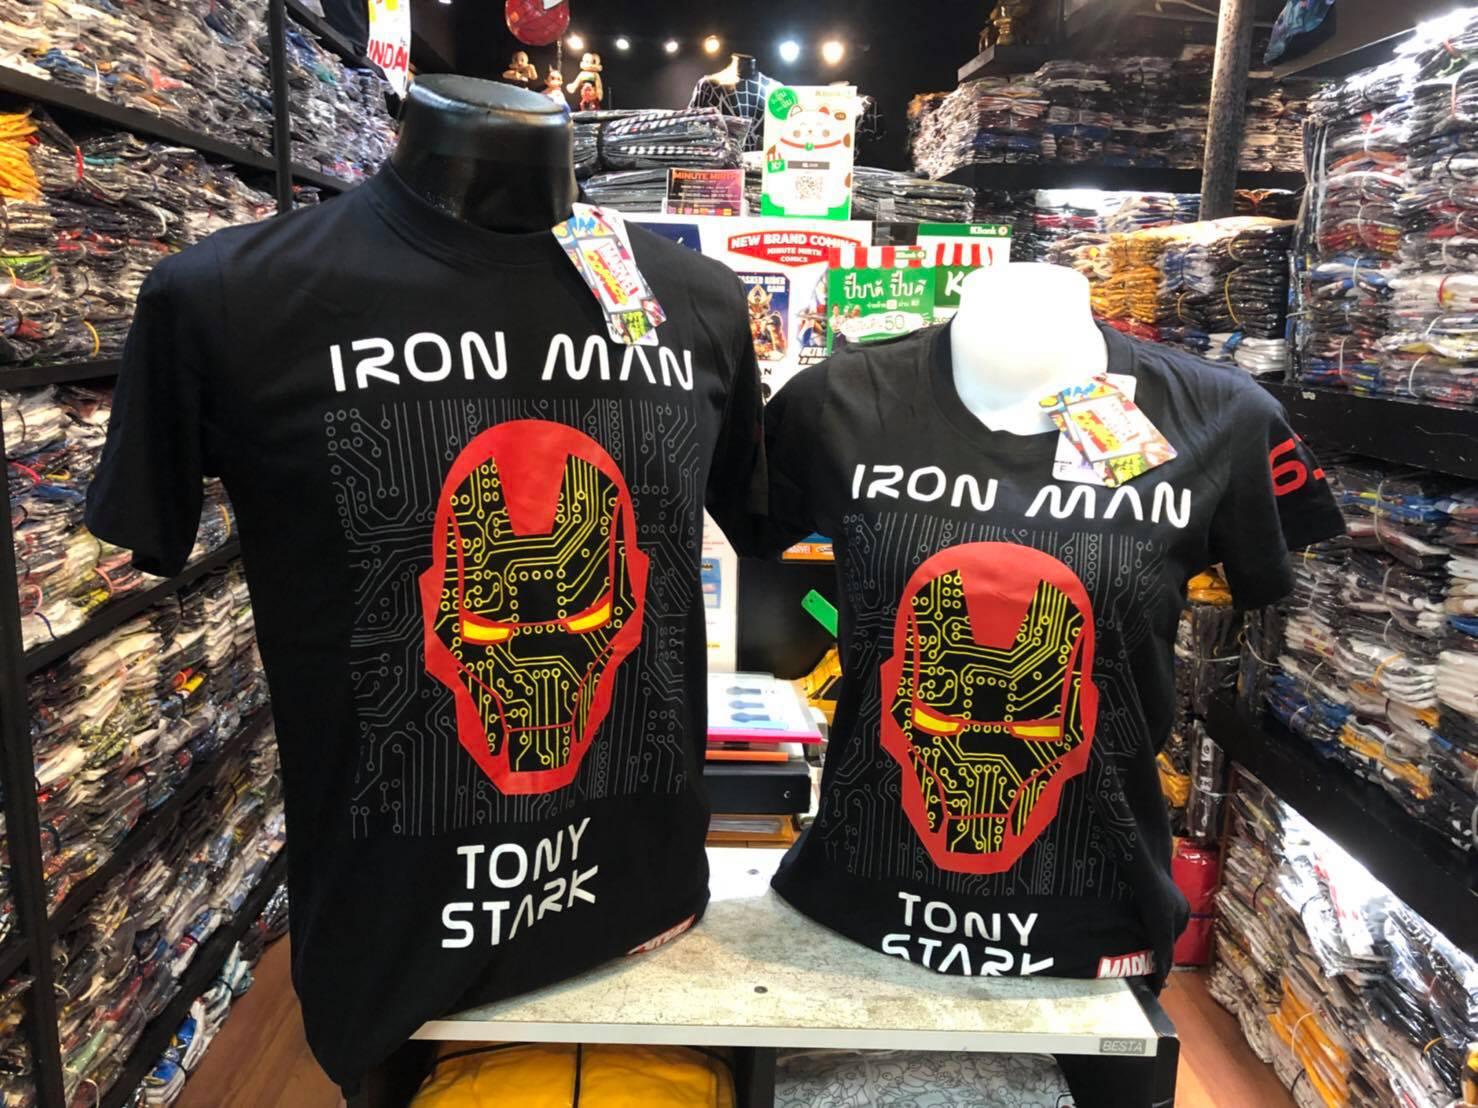 ไอรอน แมน สีดำ (Ironman Tony Spark black)